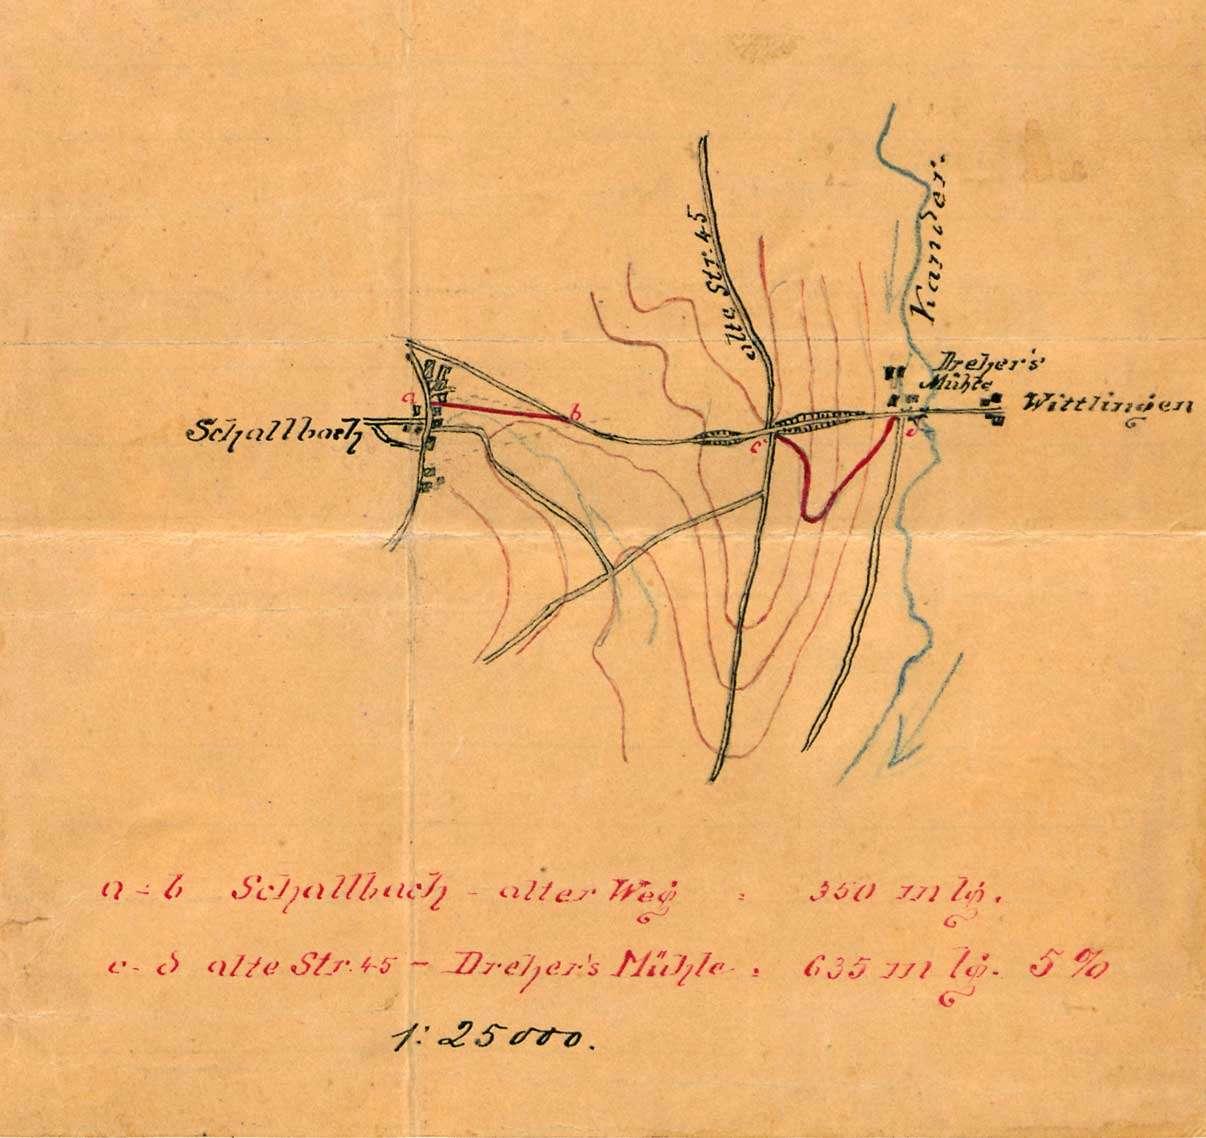 Bau eines Weges von Schallbach zur Landstraße und von Verbindungswegen von Schallbach nach Wollbach und Wittlingen, Bild 1